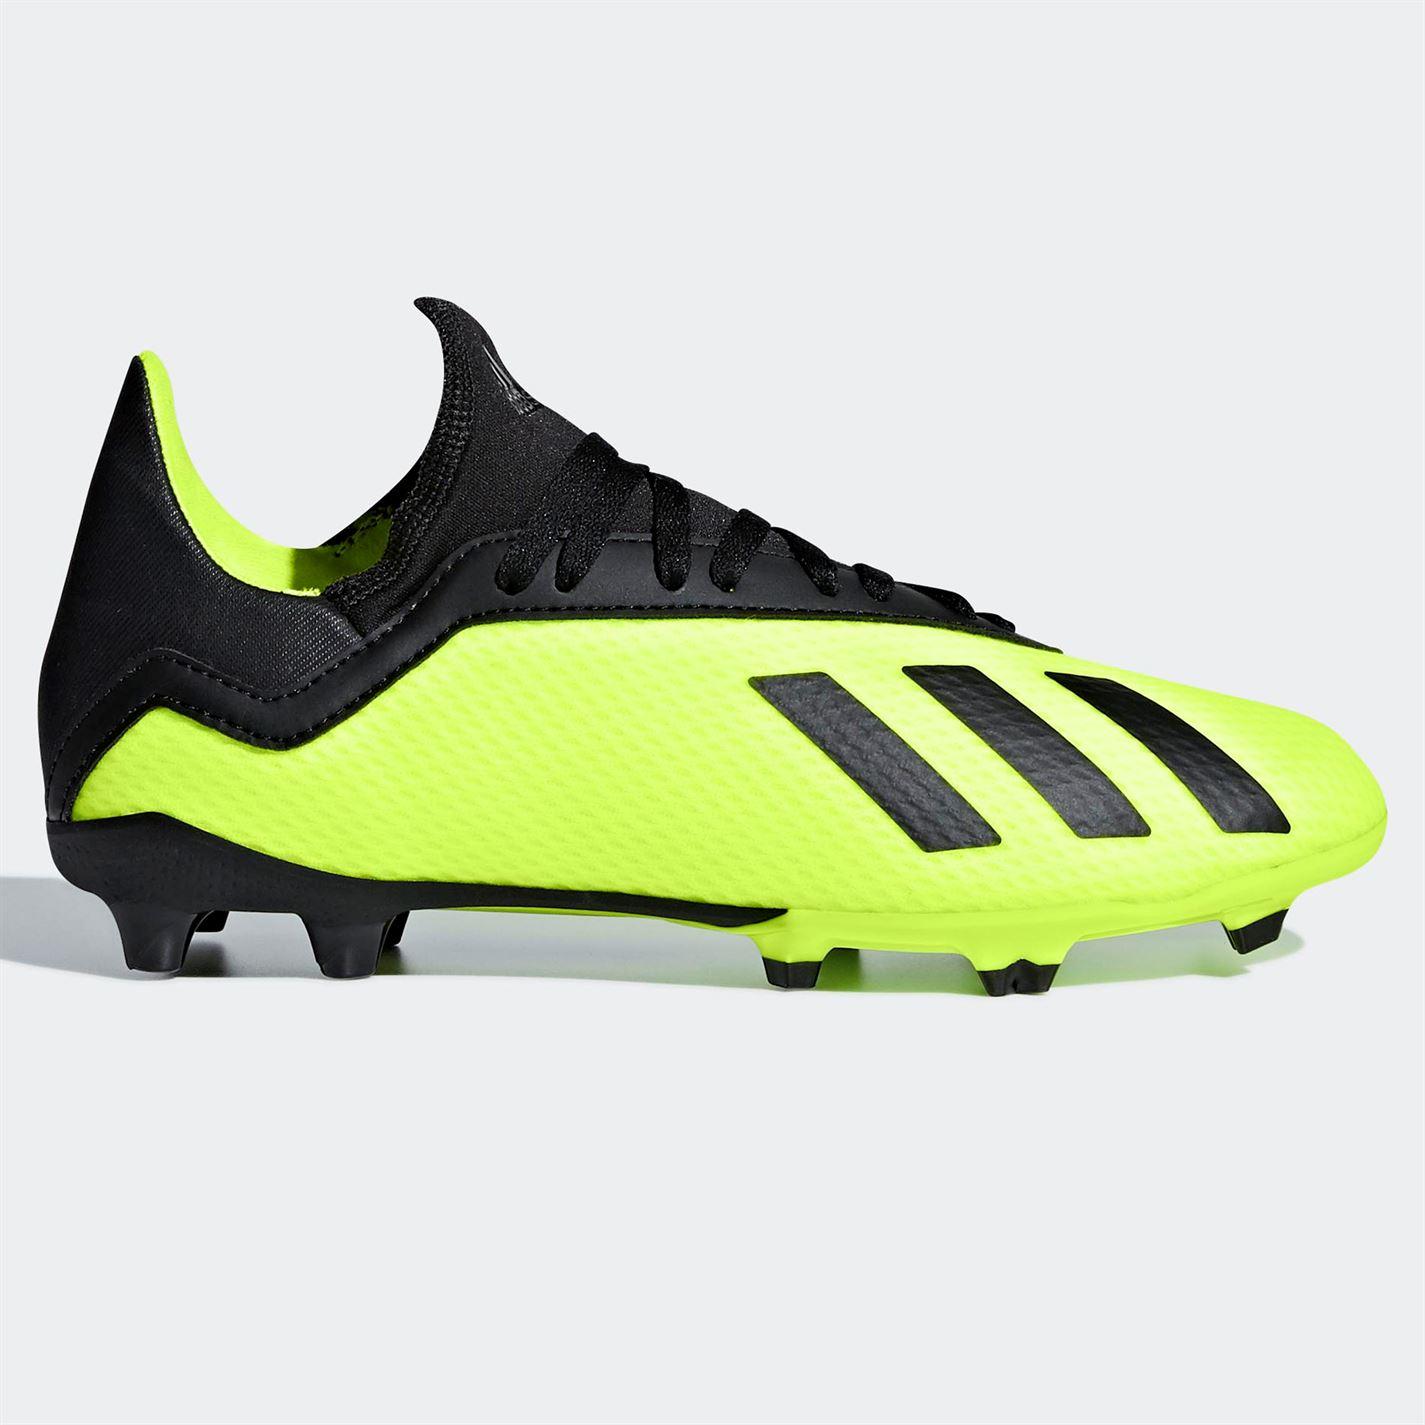 kopačky adidas X 18.3 Childrens FG